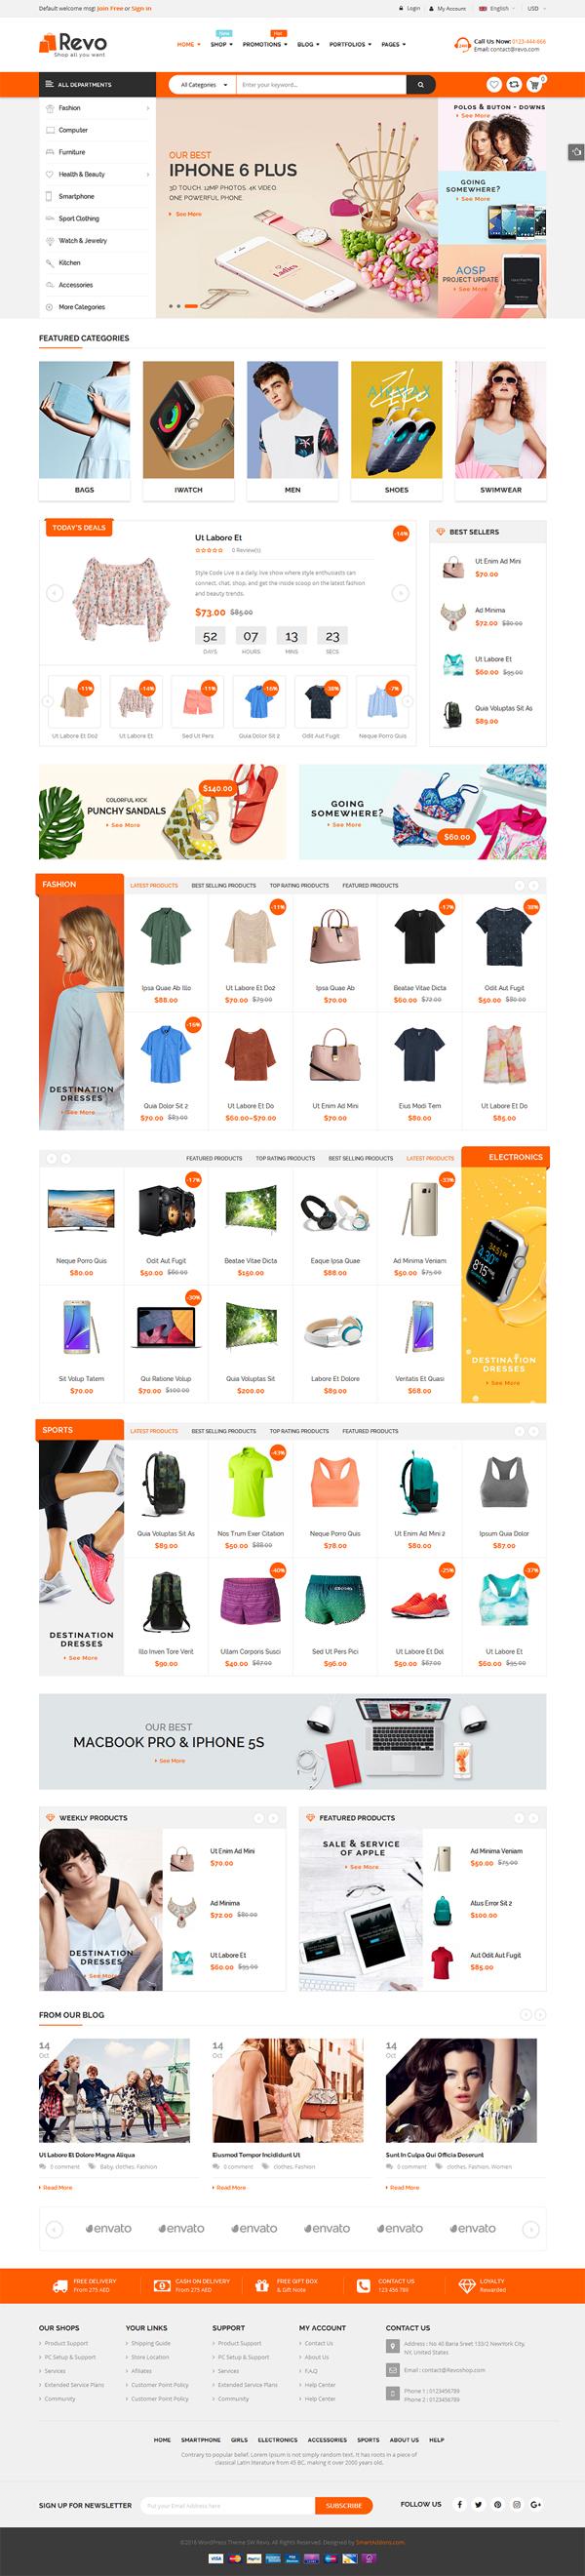 Revo - Multi-purpose WooCommerce WordPress Theme